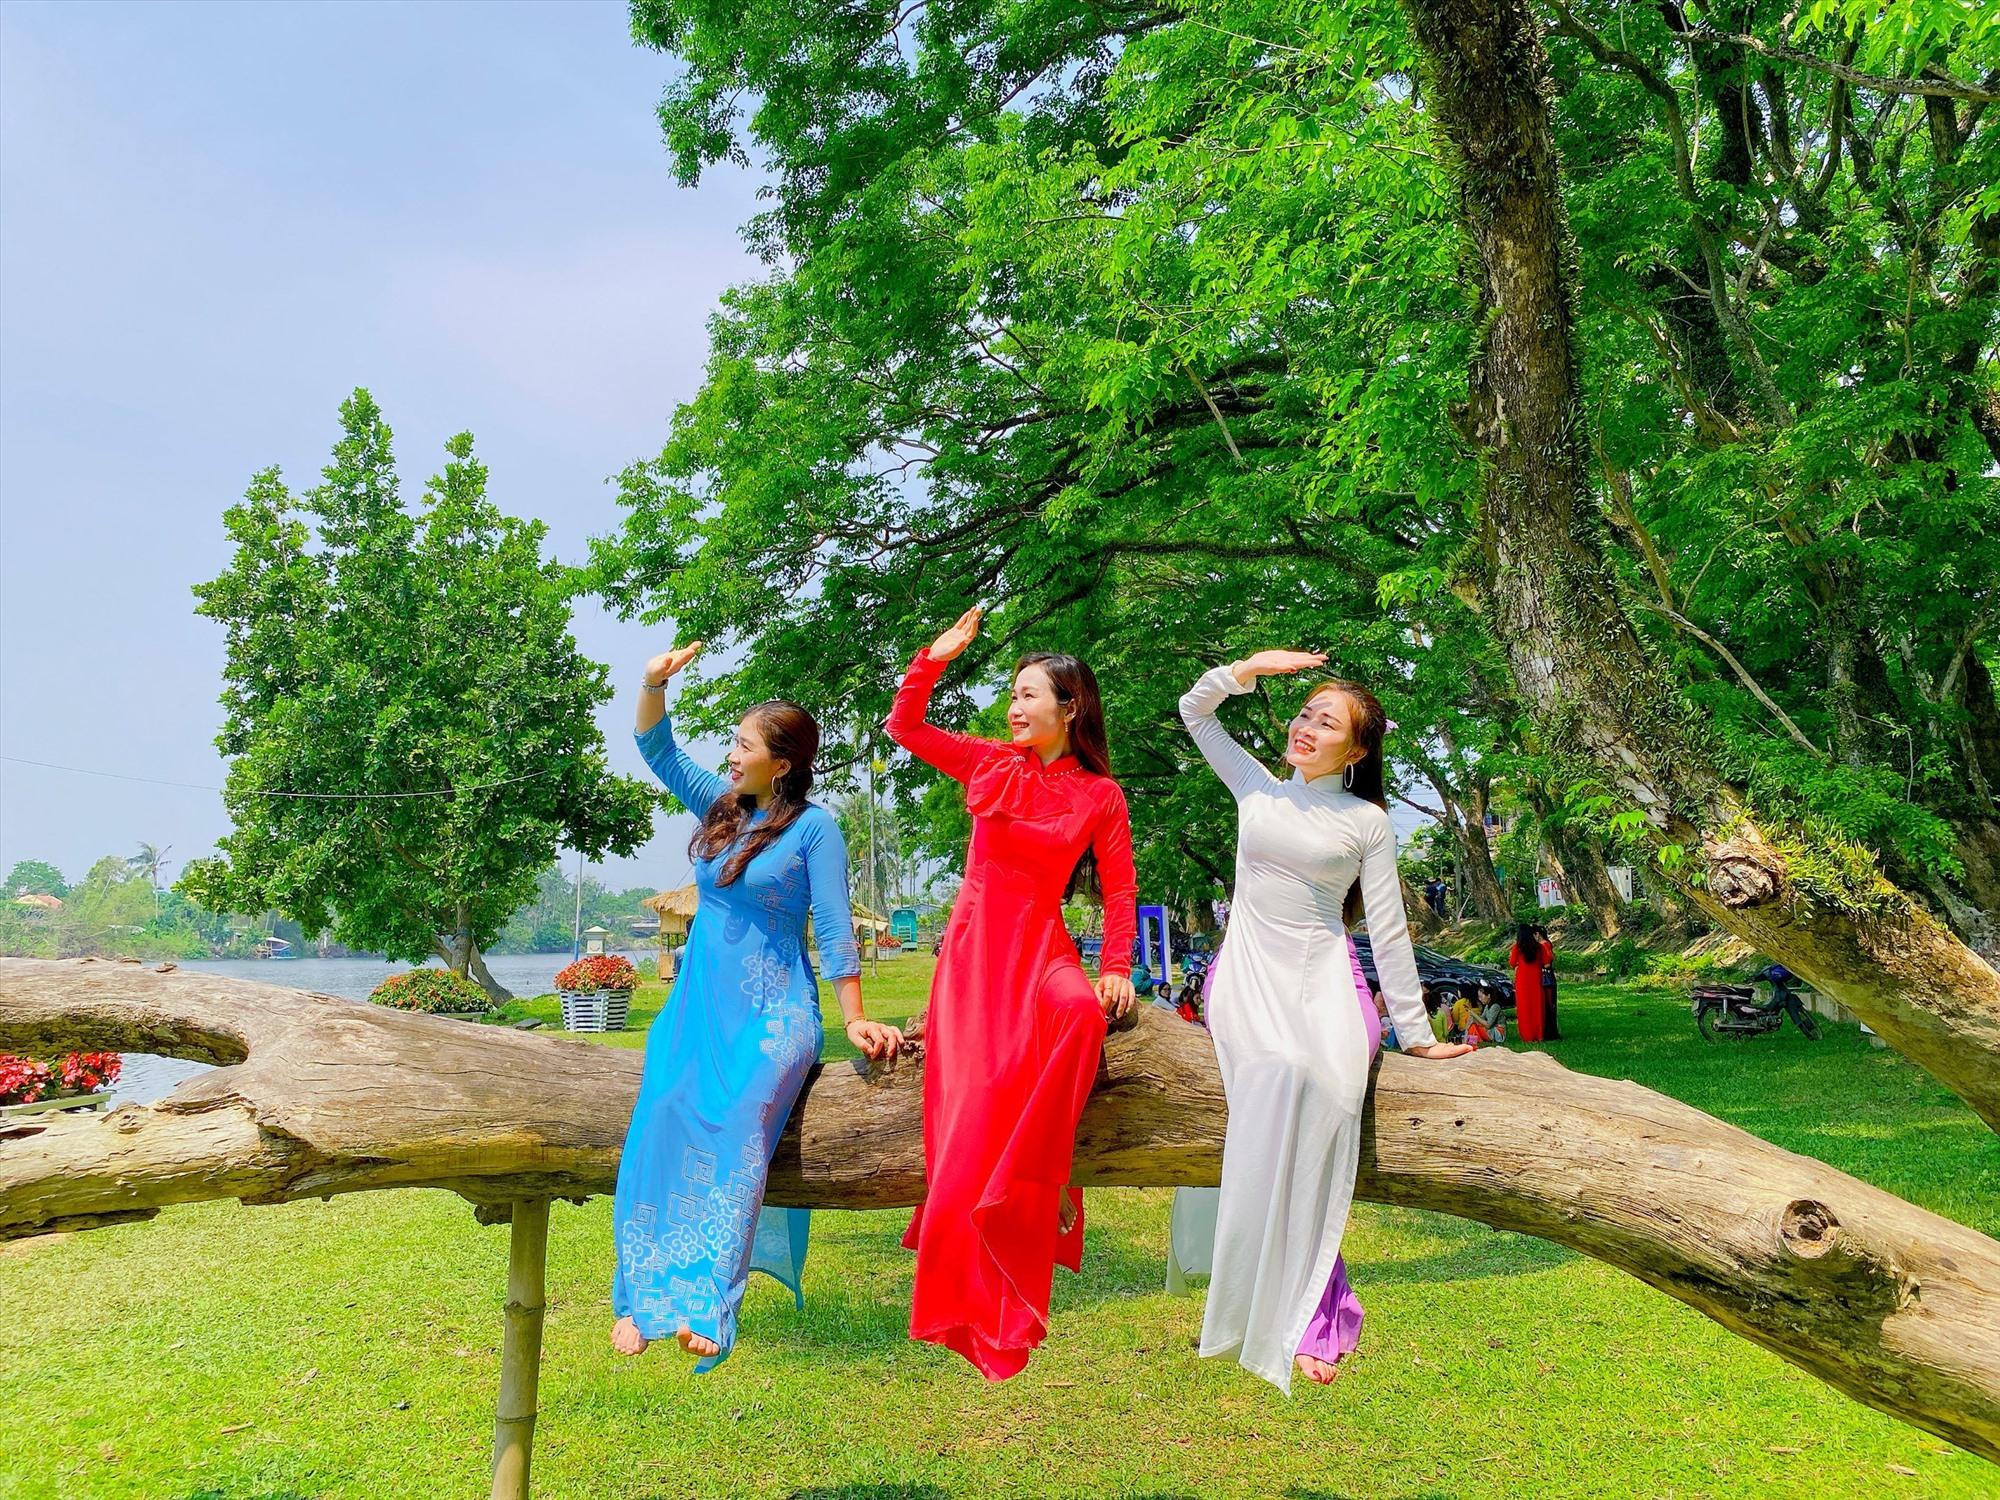 Một góc không gian làng Hương Trà (khu vực Vườn Cừa, phường Hòa Hương) hiện đang thu hút sự chú ý của giới trẻ. Ảnh: Tường Vi